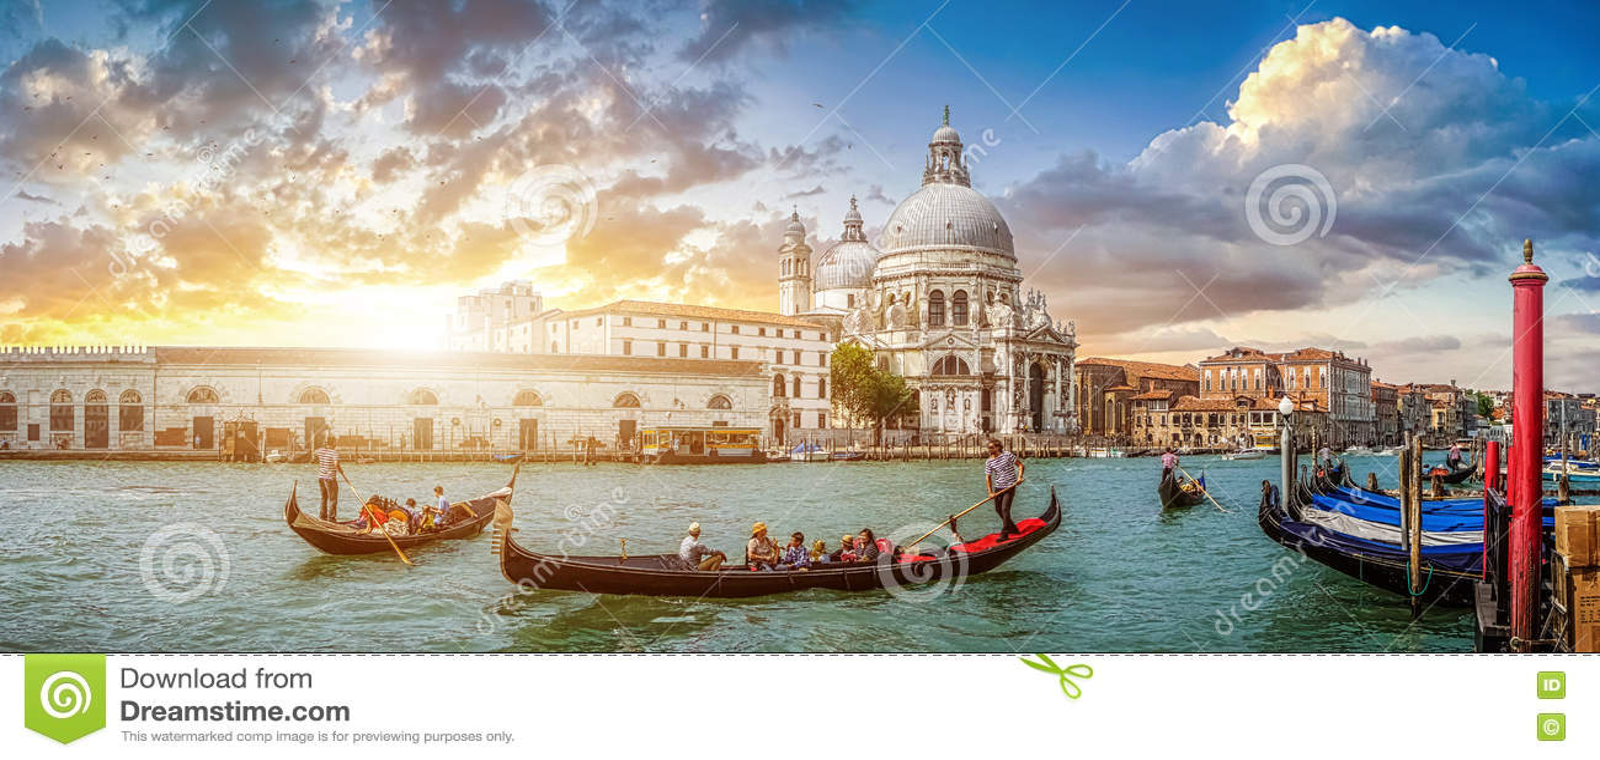 Romantische Venedig-Gondelszene auf dem Kanal groß bei Sonnenuntergang, Italien